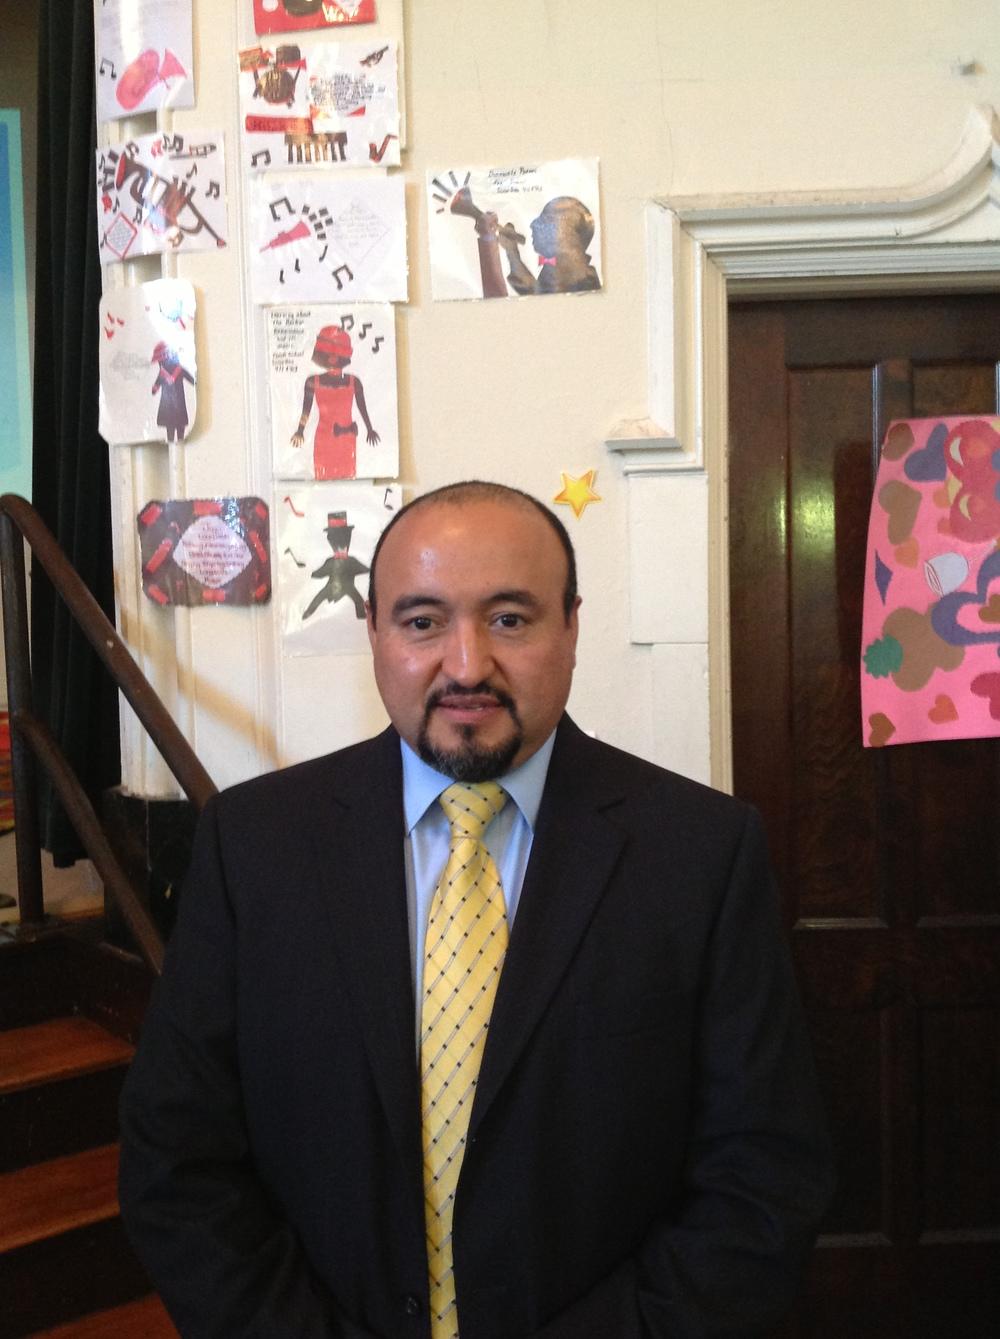 Gerardo Arriaga (Principal/Director)